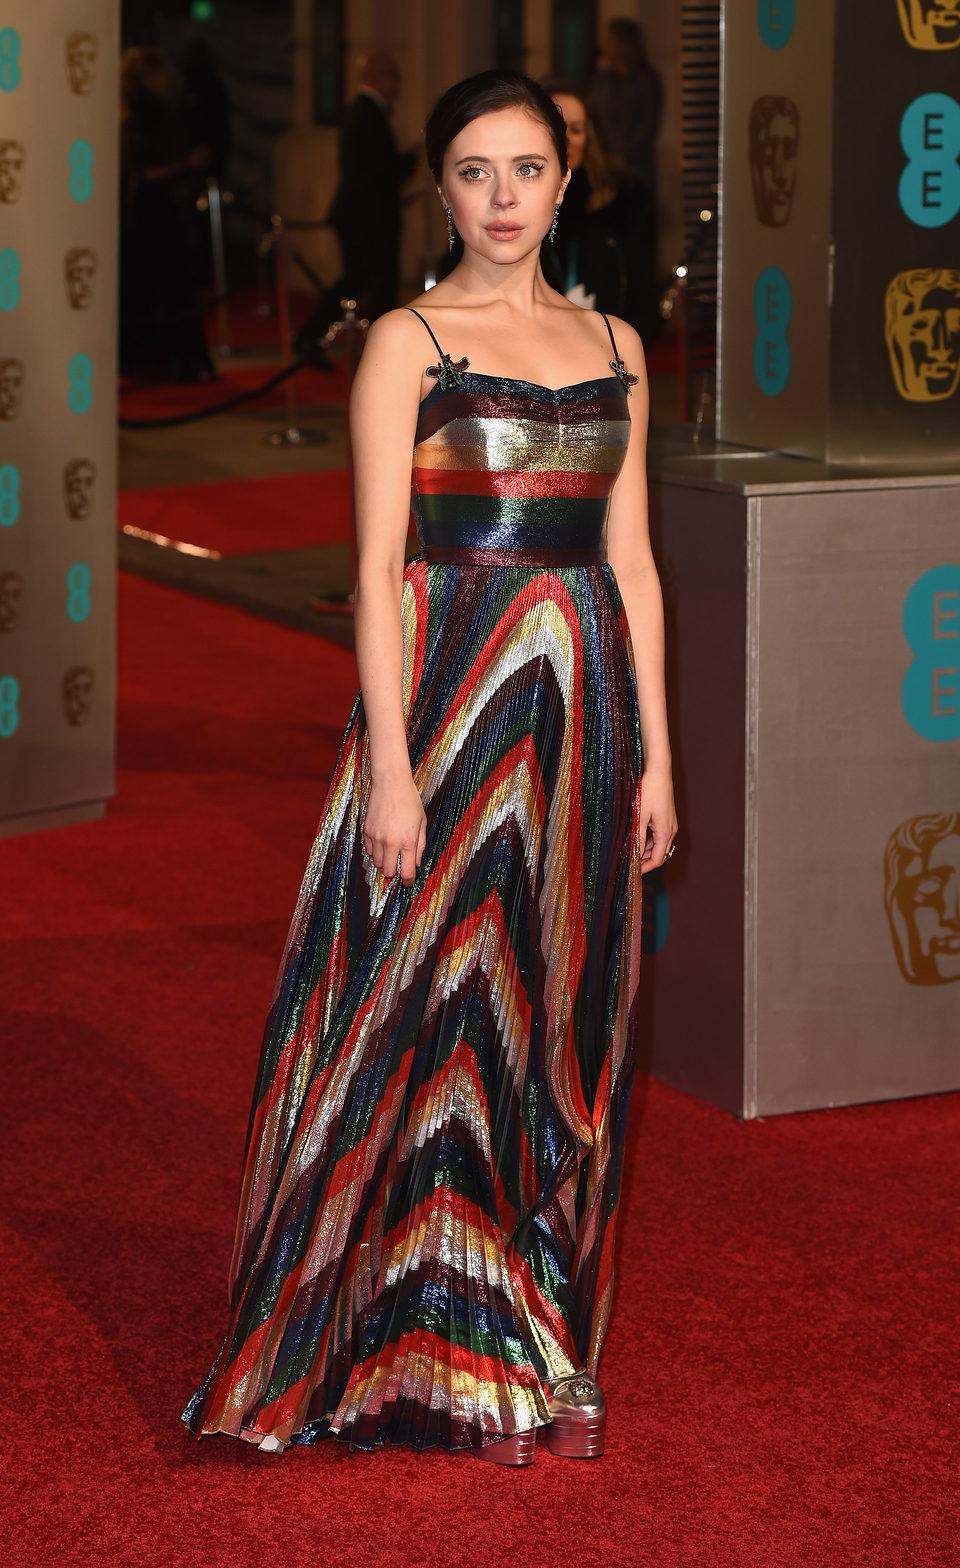 Bel Powley en la alfombra roja de los BAFTA Awards 2016